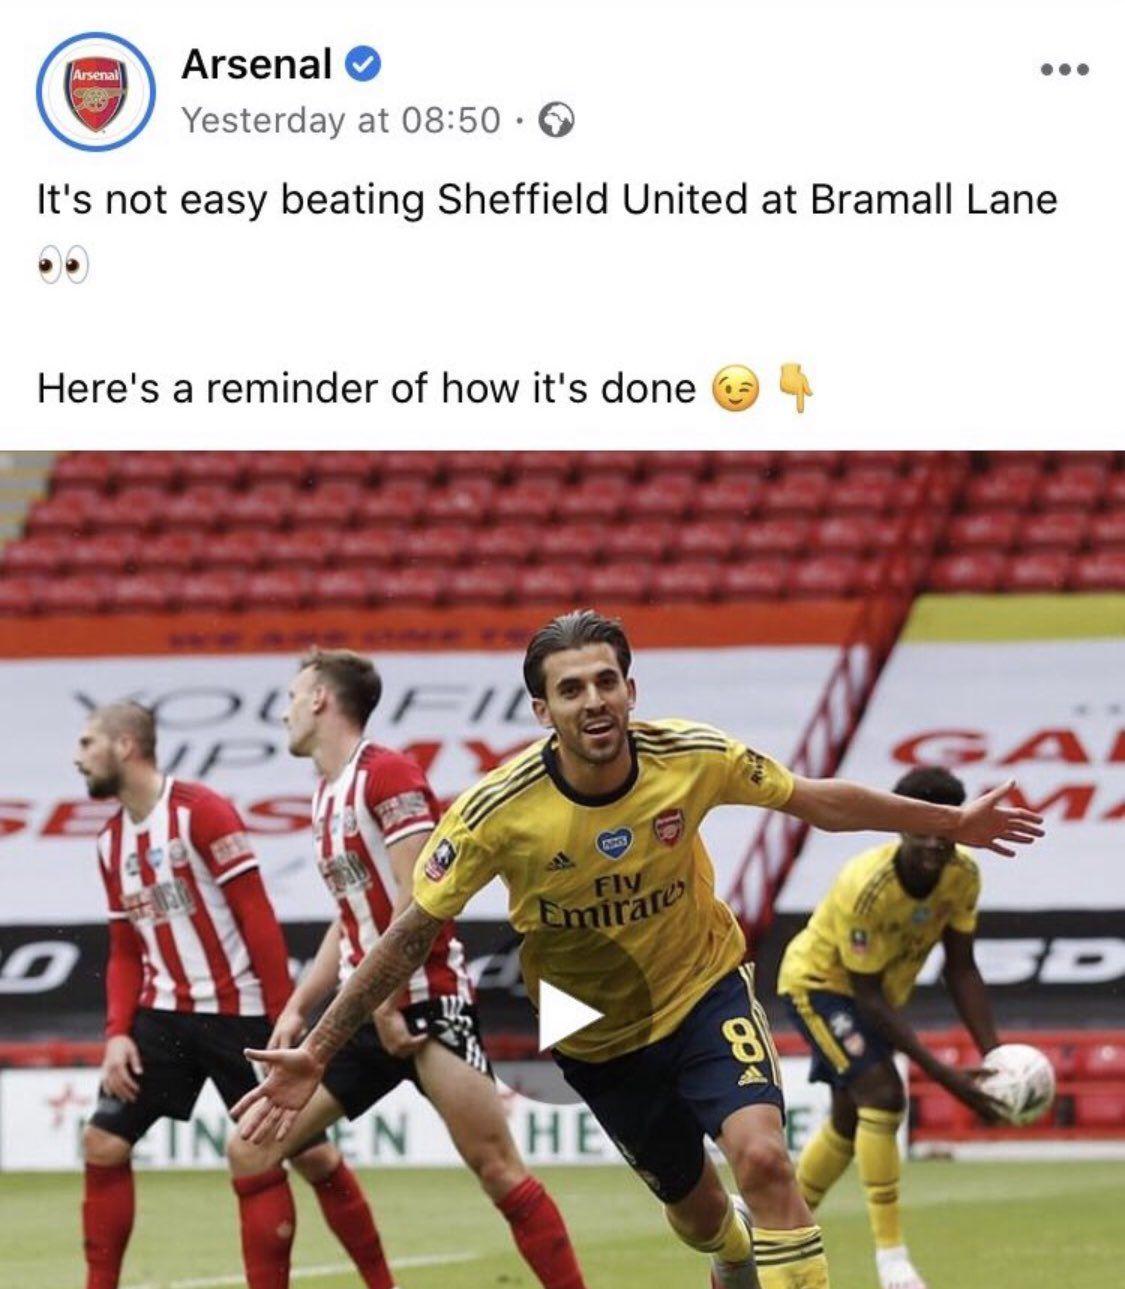 Unggahan Facebook Arsenal yang mengolok-olok kekalahan Tottenham Hotspur dari Sheffield United.